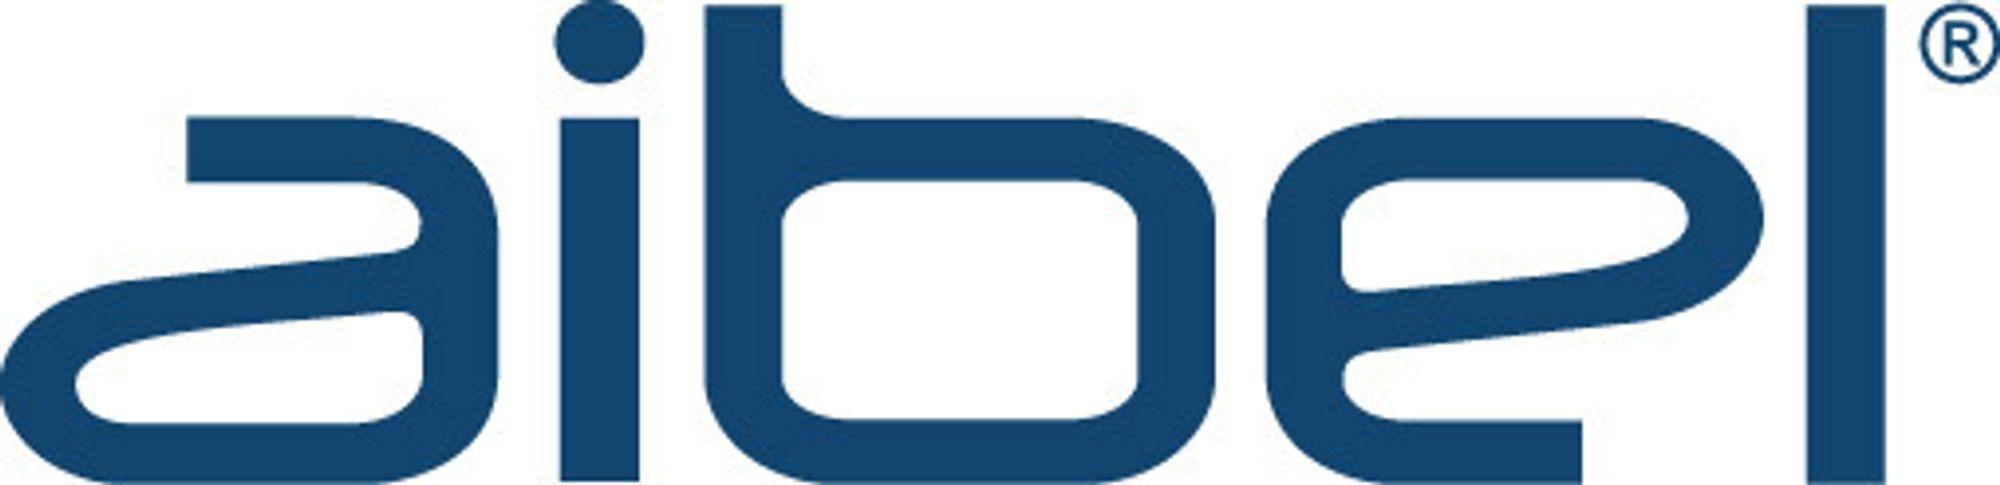 Alt er som før for selskapet og de ansatte, borrtsett fra navn og logo.